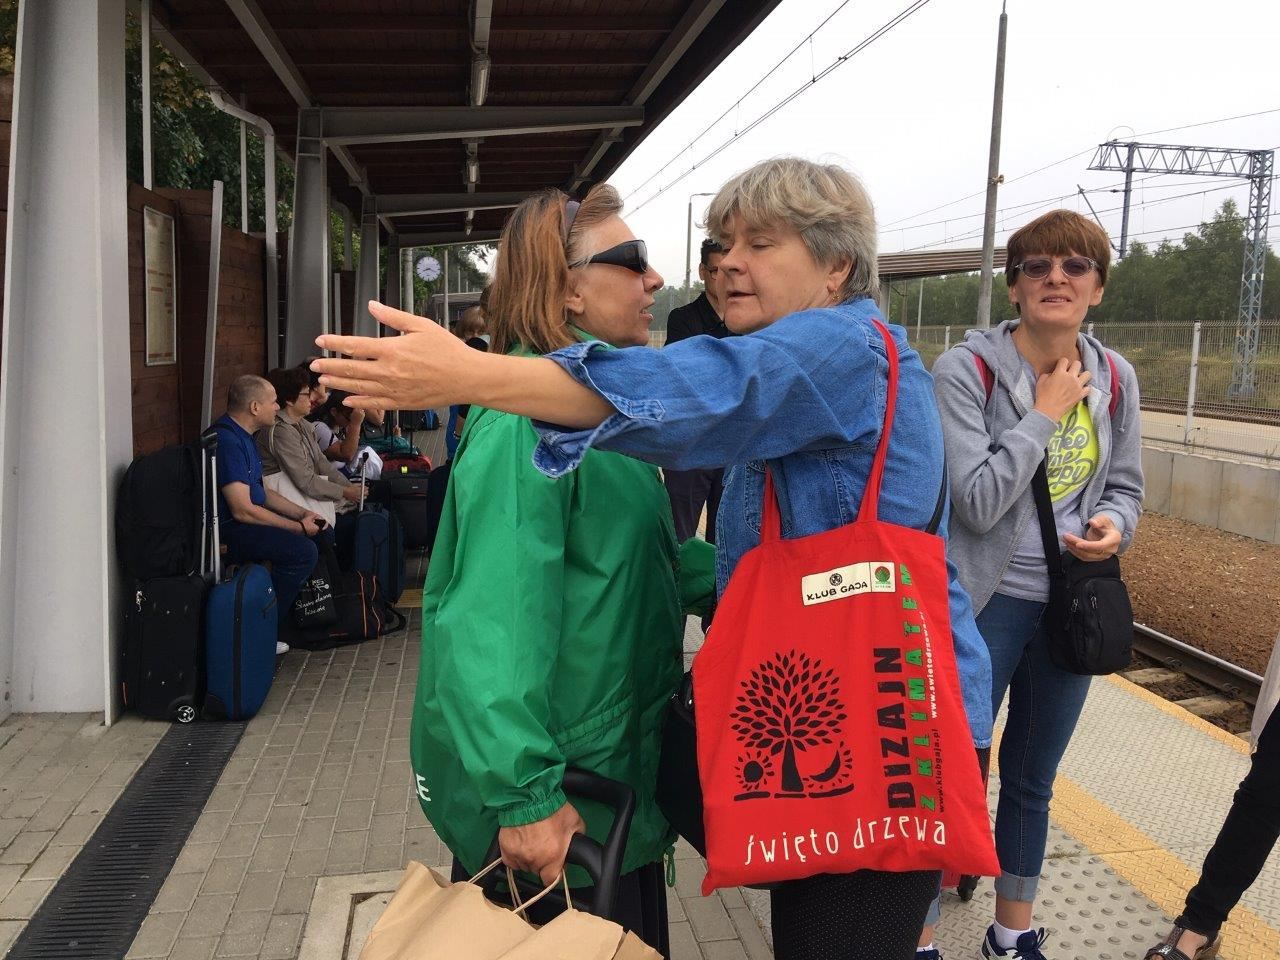 Ostatnie chwile przed rozstaniem – pożegnanie na peronie